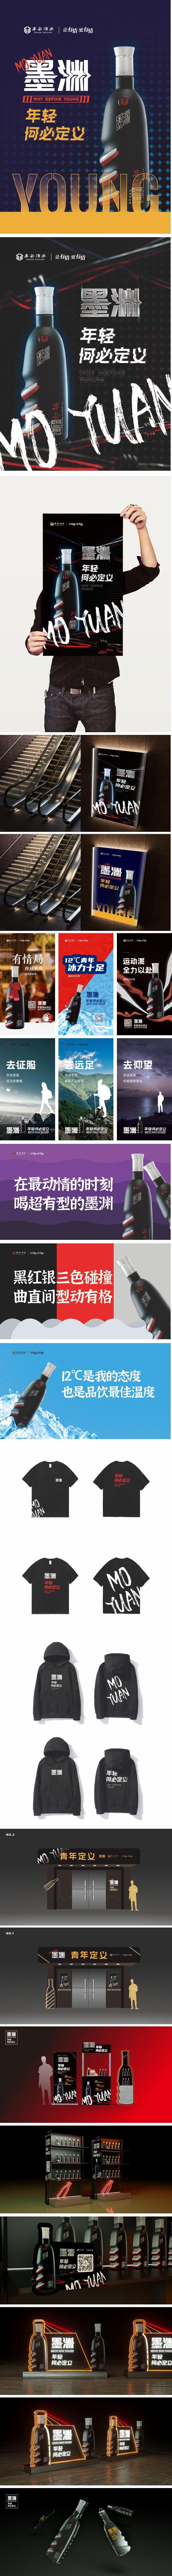 丰谷墨渊品牌阶段画面